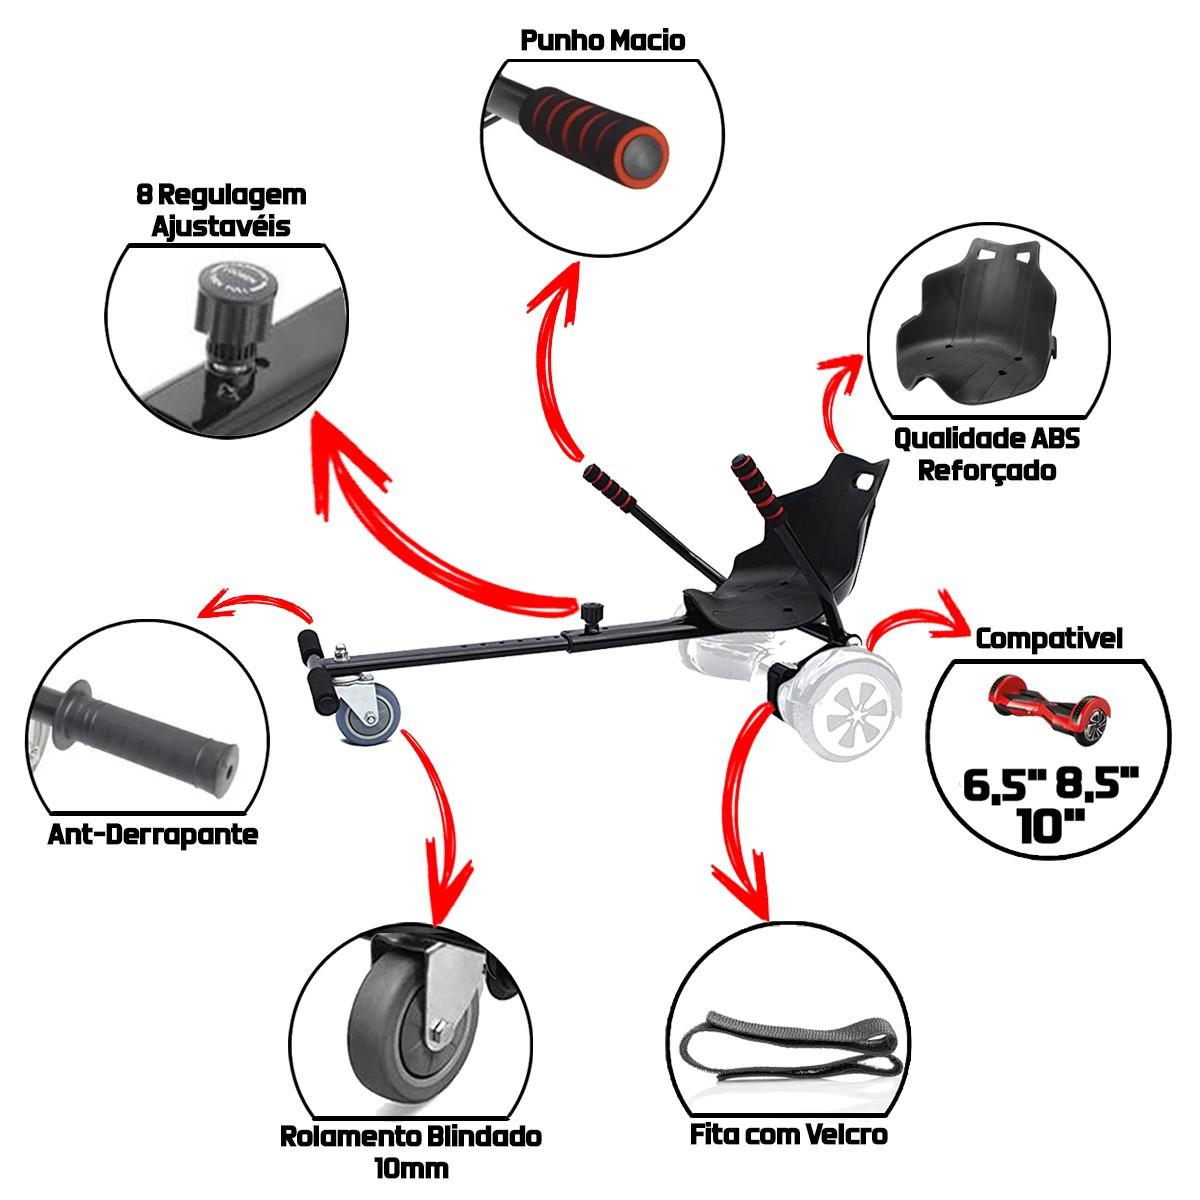 Hoverkart para Hoverboard 6,5 8,5 10 Polegadas Carrinho Top Speed até 100 Kg Triciclo para Scooter Elétrico Ajustável Assento Ergonómico